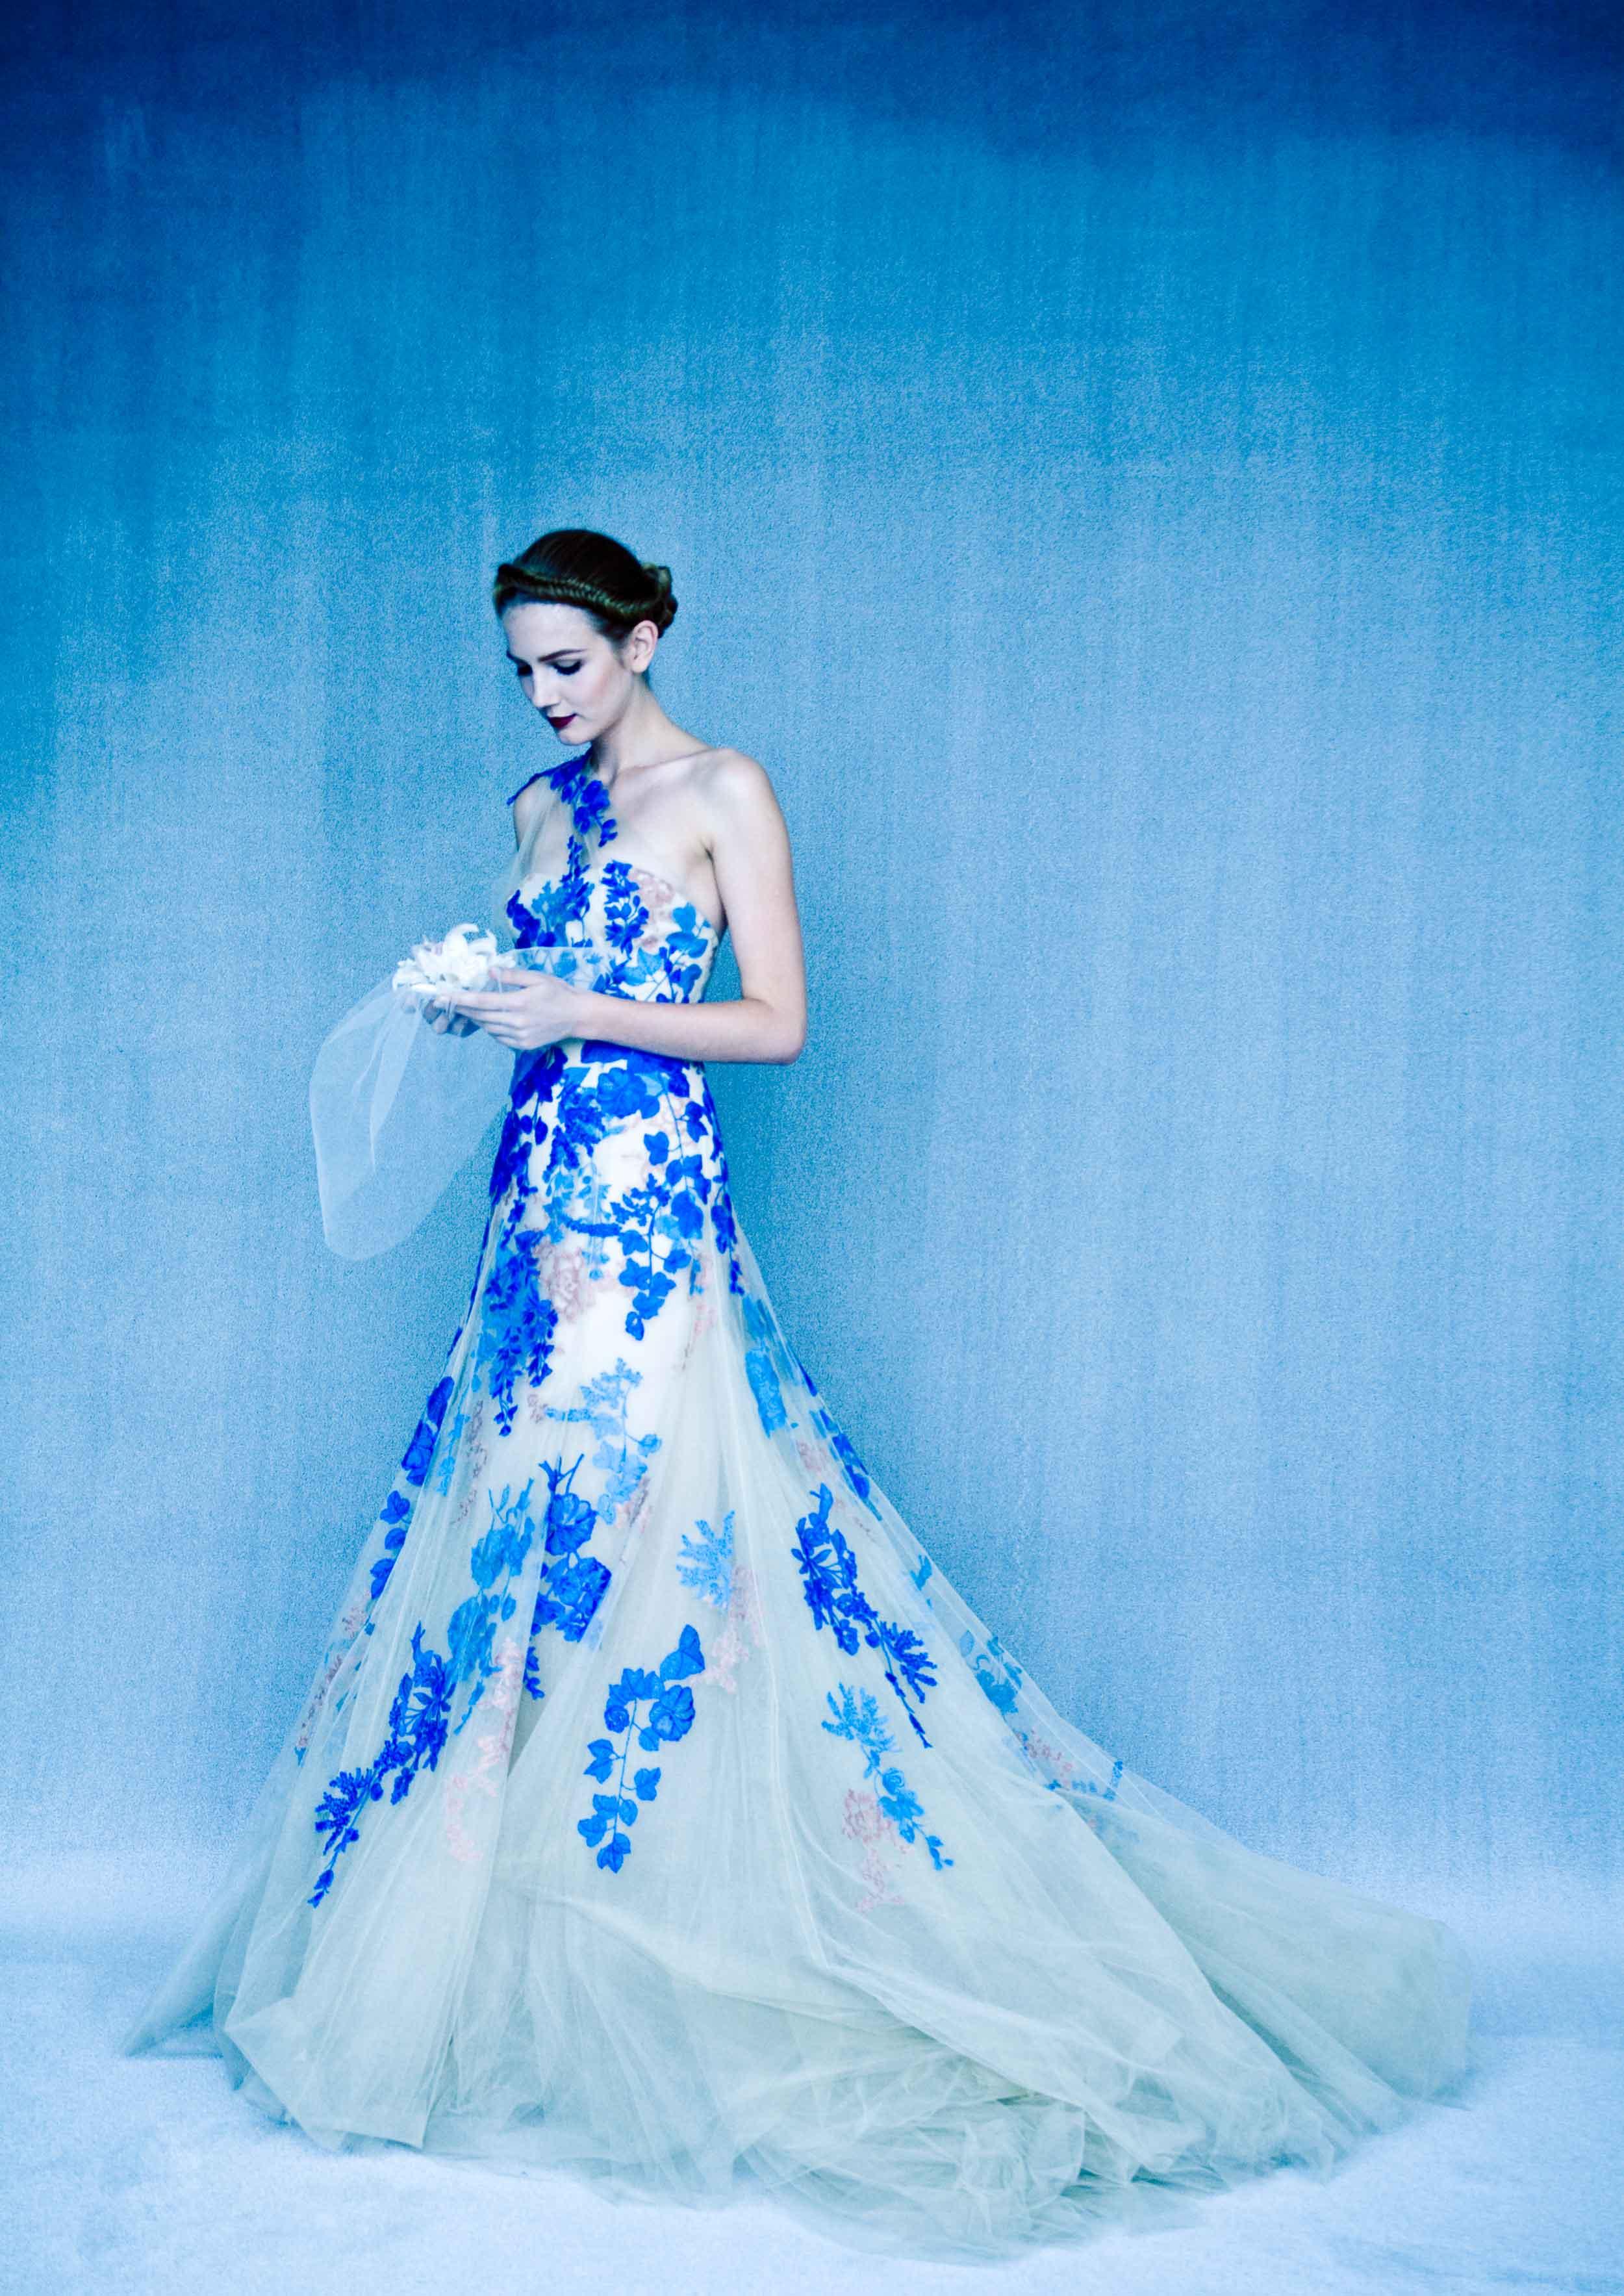 brides-lace-erik-madigan-heck-3.jpg